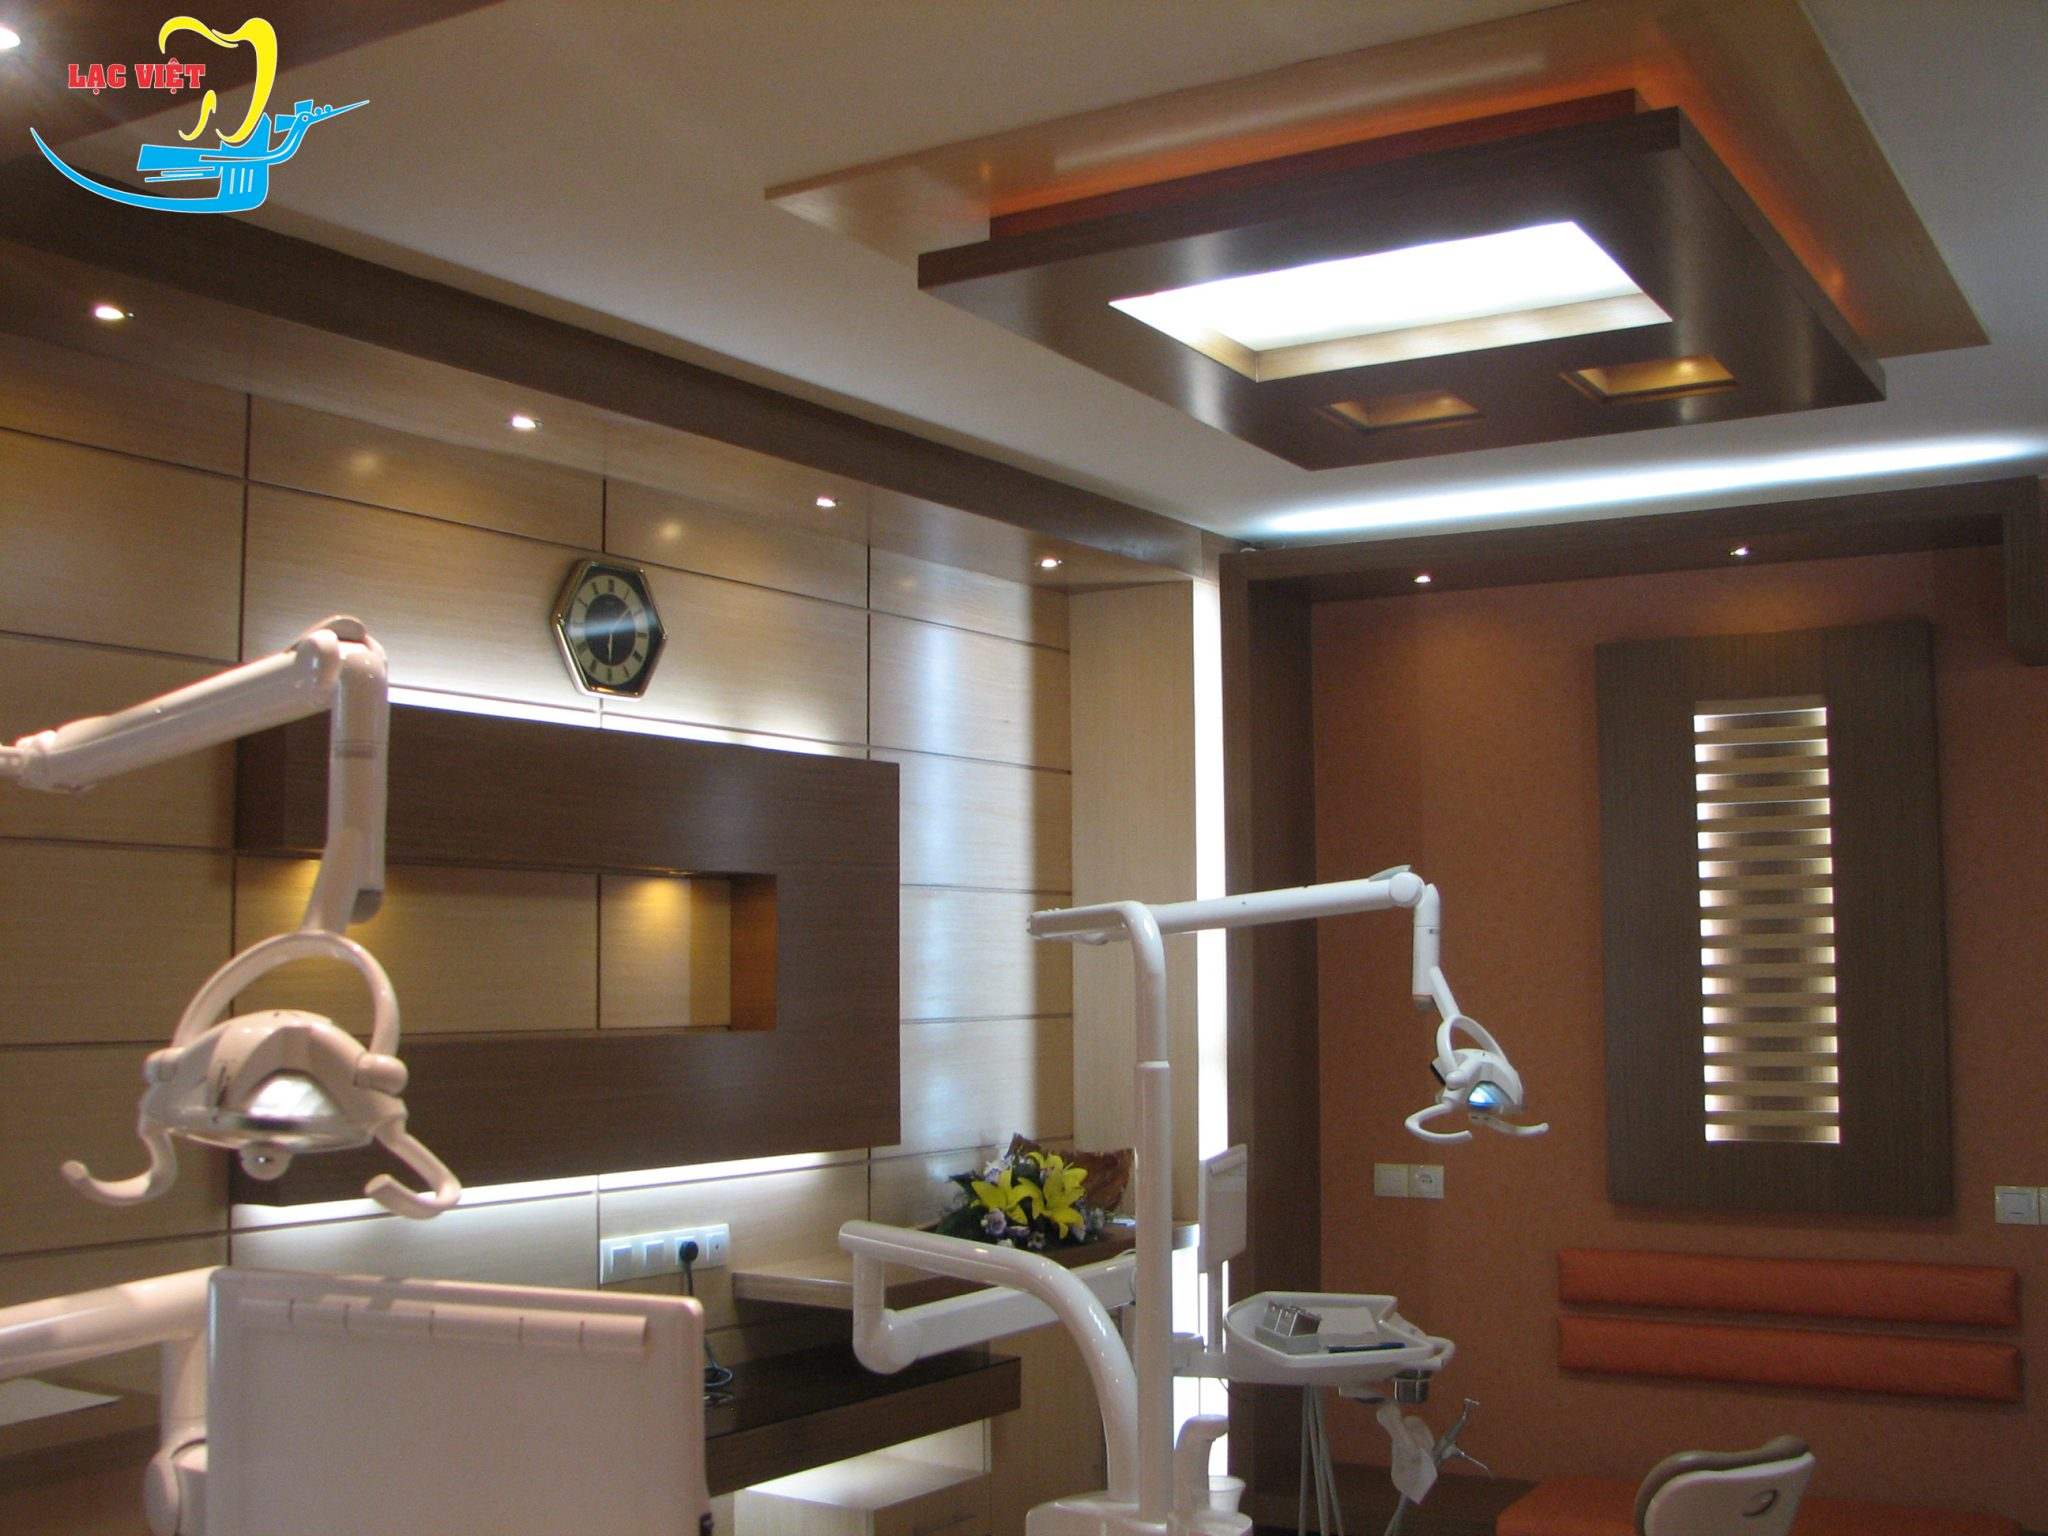 Làm răng implant ở đâu tốt đồng nghĩa nơi đó phải đáp ứng đủ các điều kiện vô trùng tuyệt đối